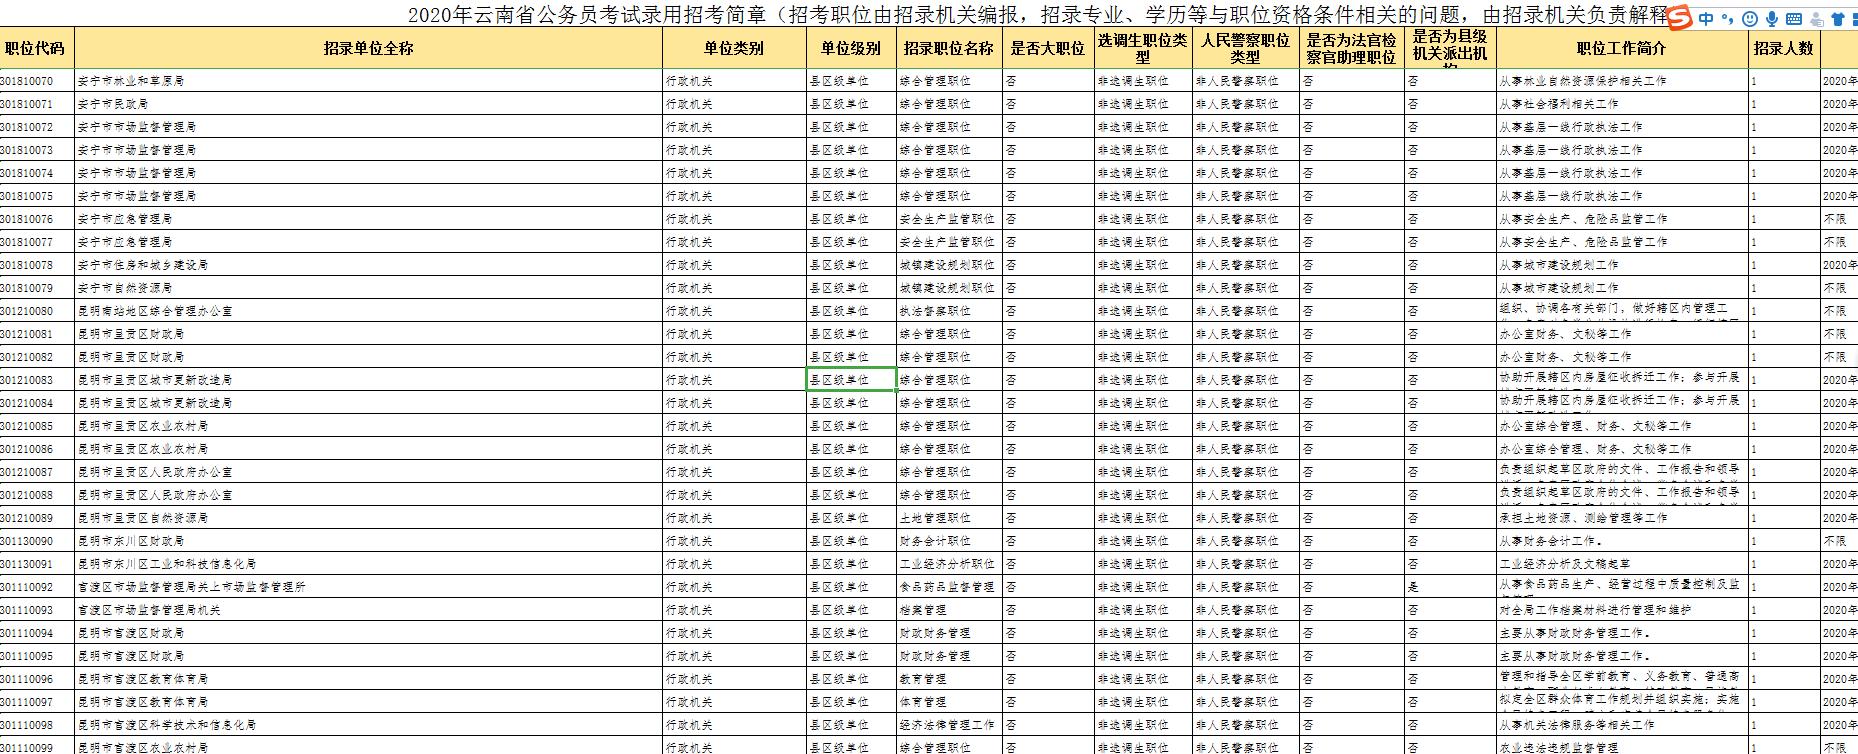 2020年云南省公务员考试职位表.png